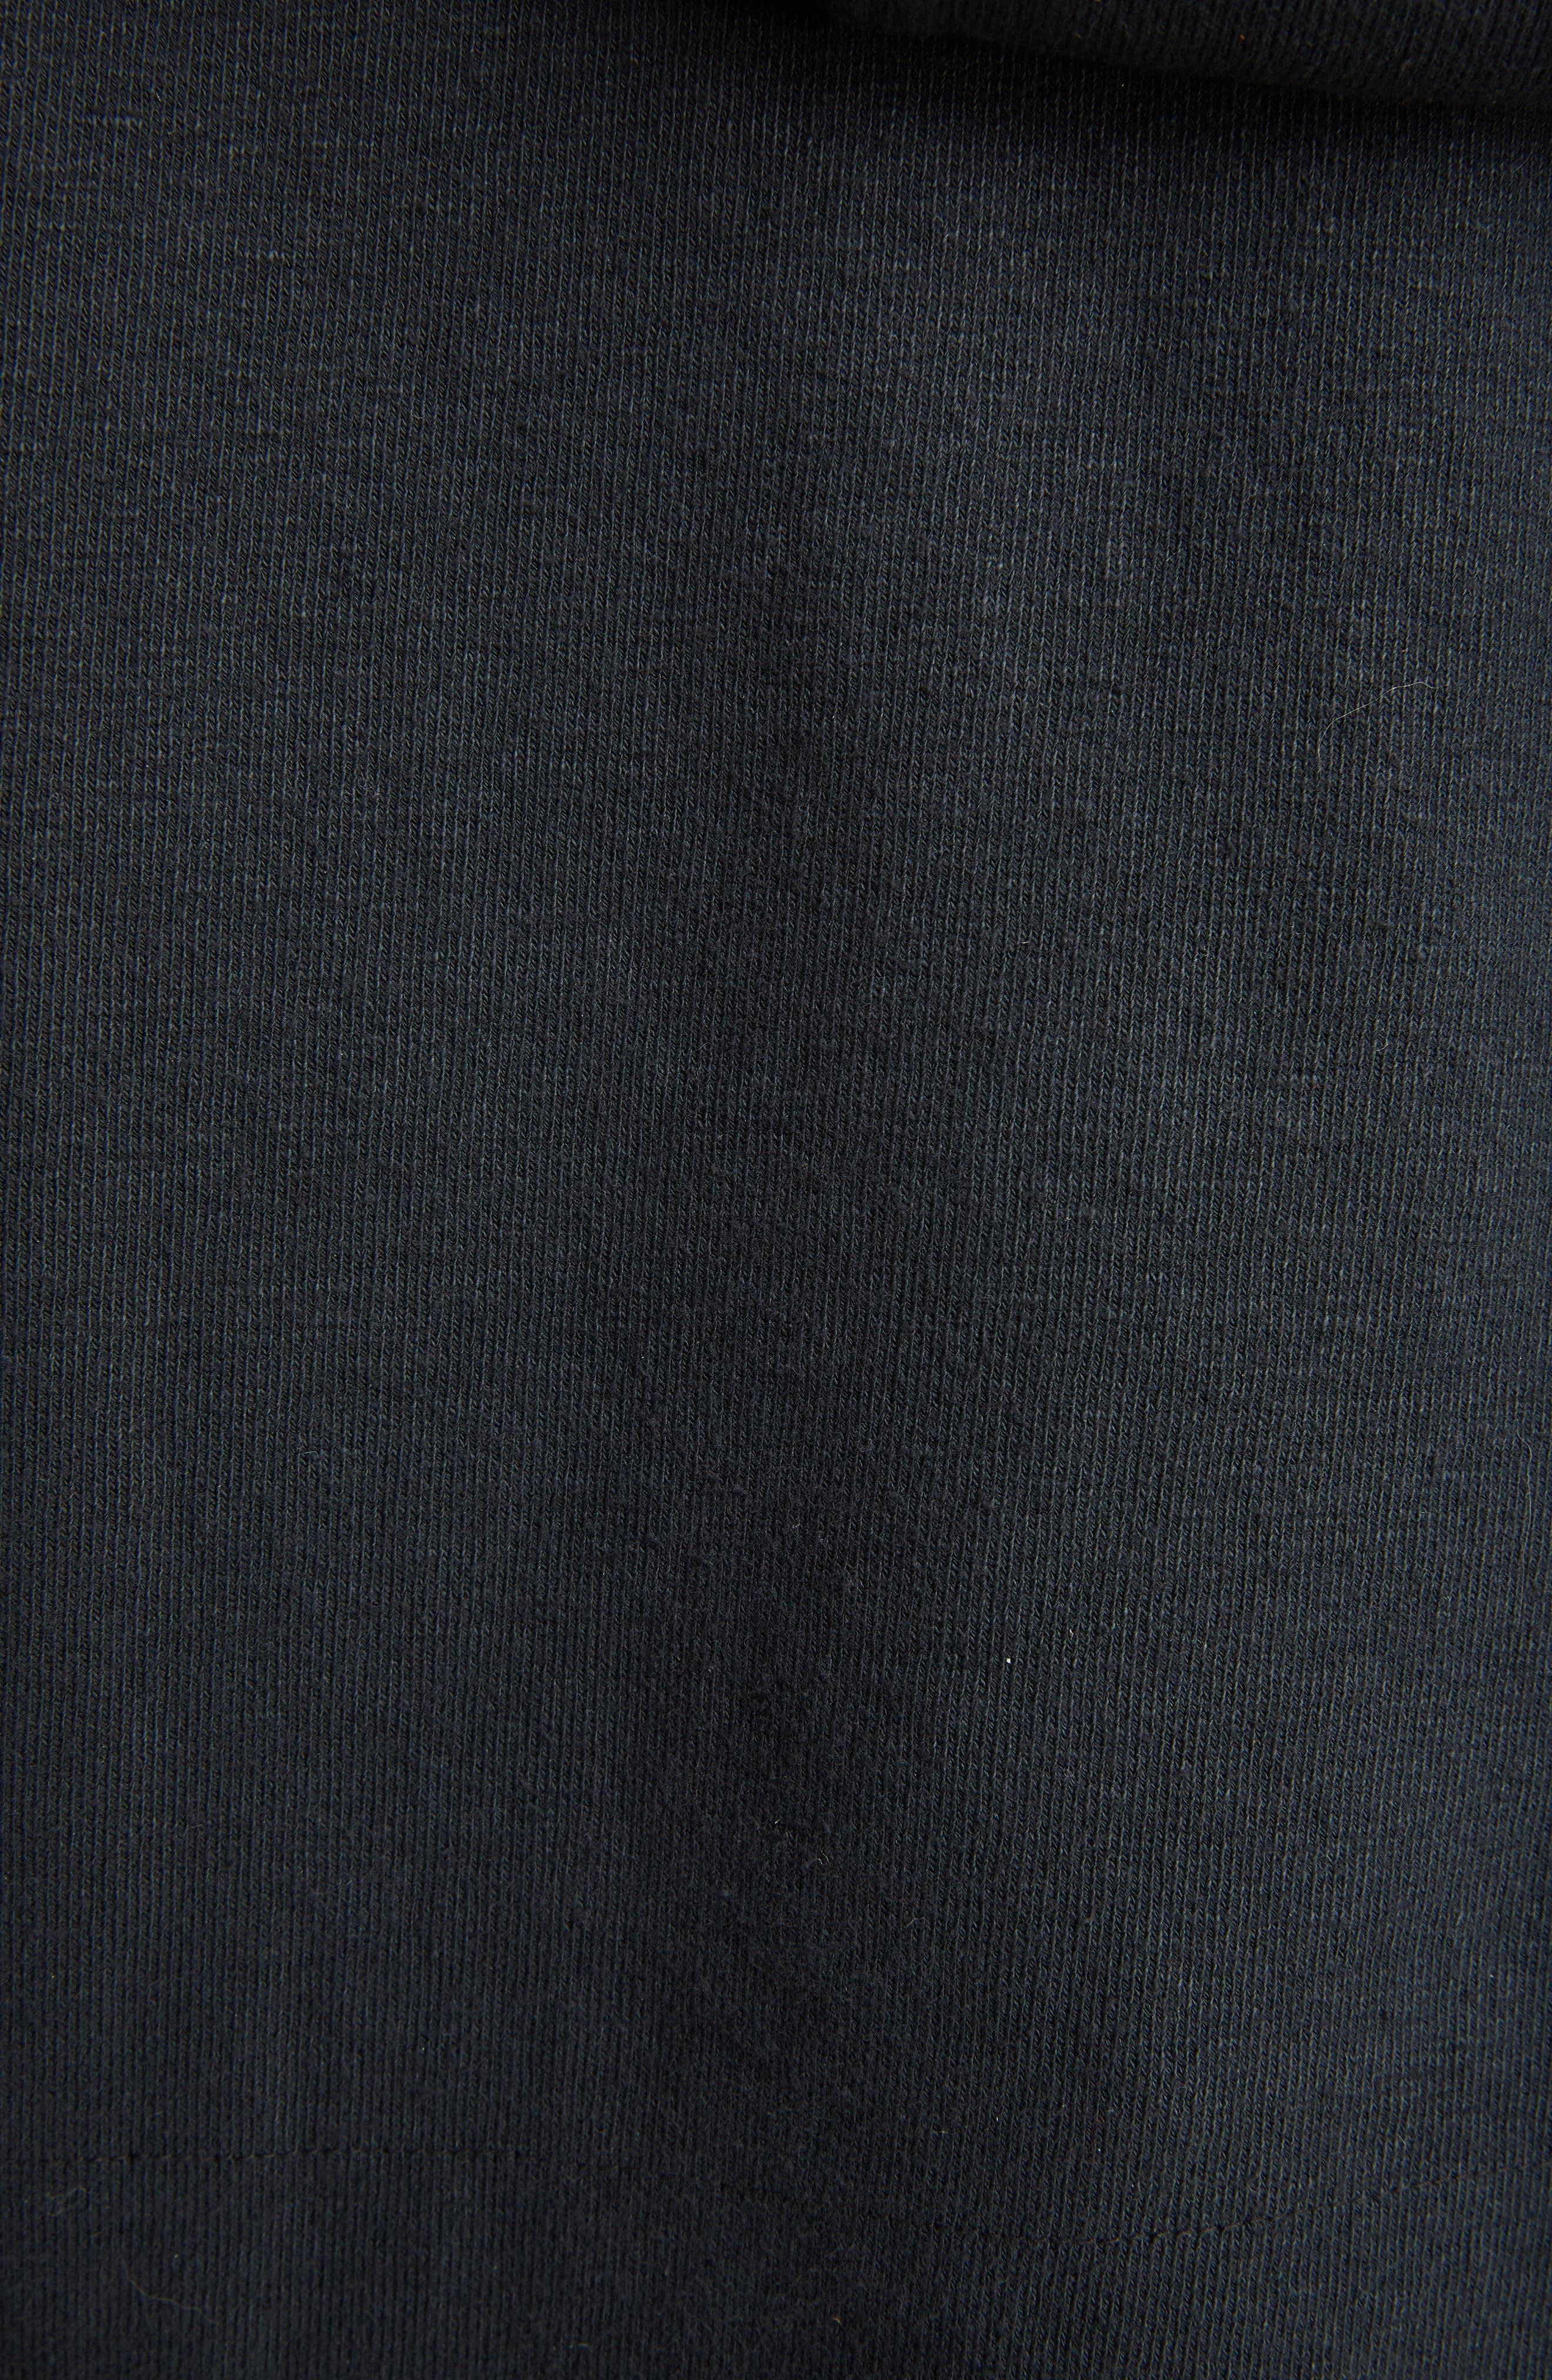 Alternate Image 5  - J.W.ANDERSON Oversized Crop Hoodie